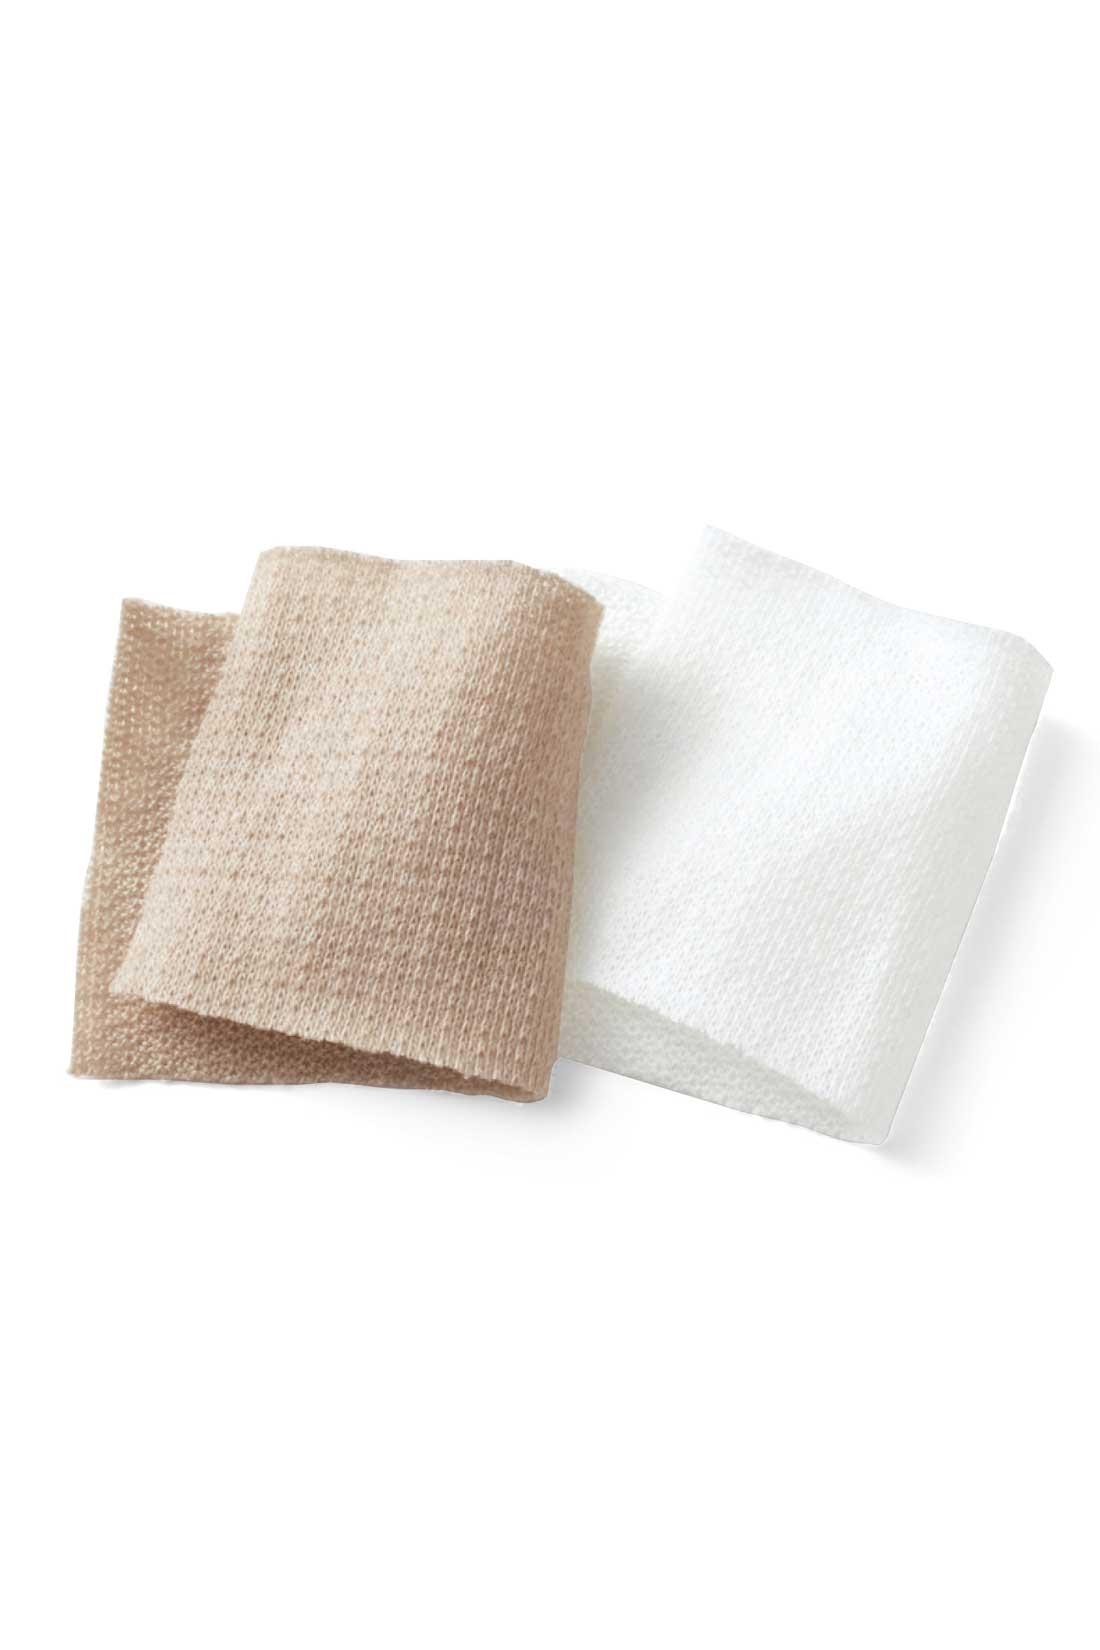 軽やかな綿混素材。薄手で、やわらかな肌ざわり。